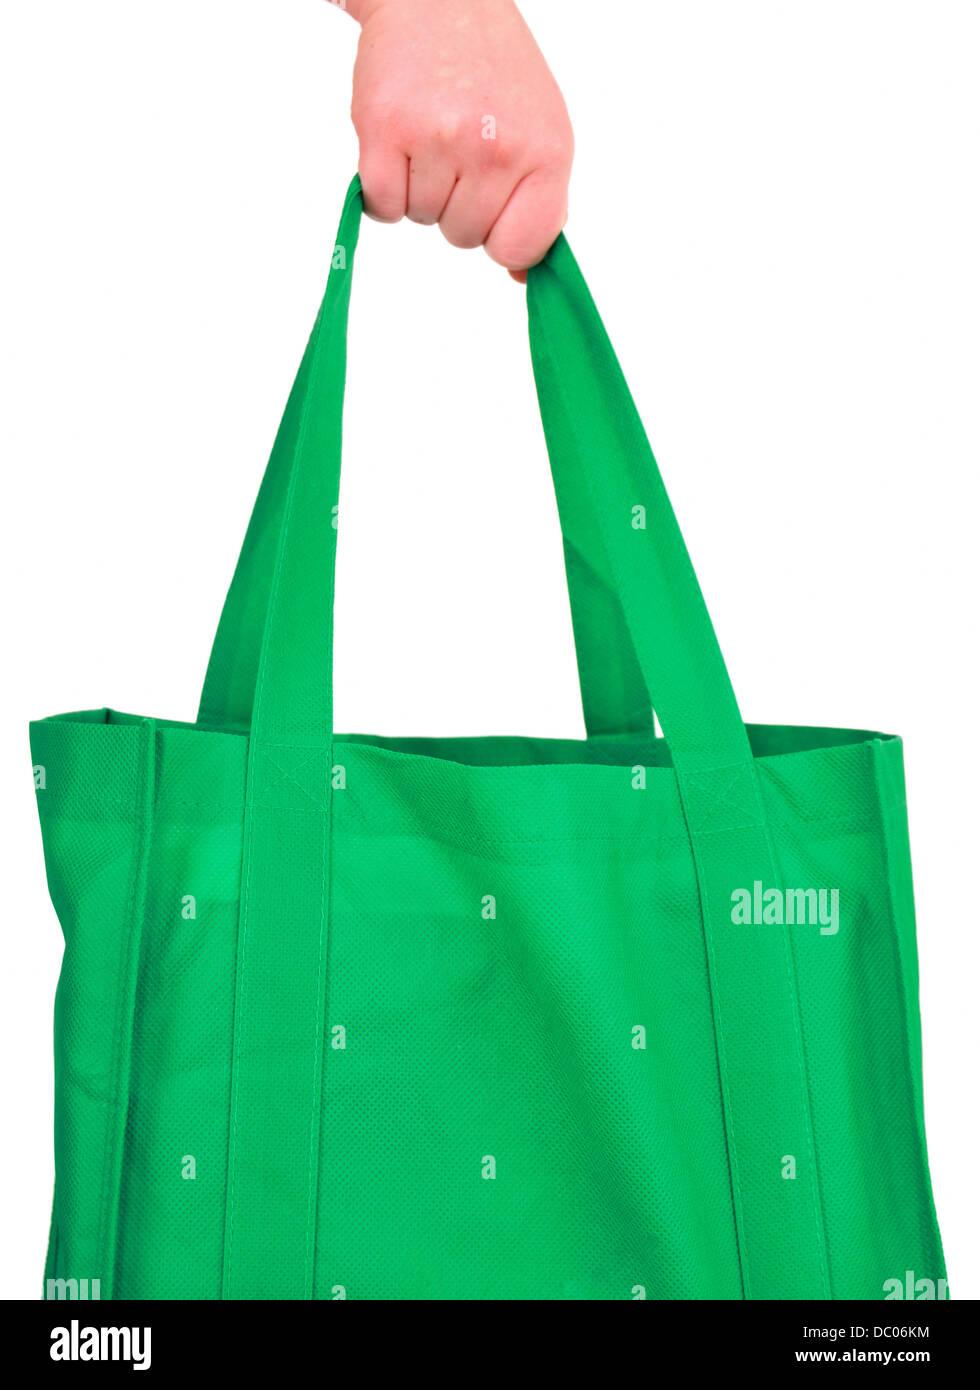 Green reusable shopping bag - Stock Image